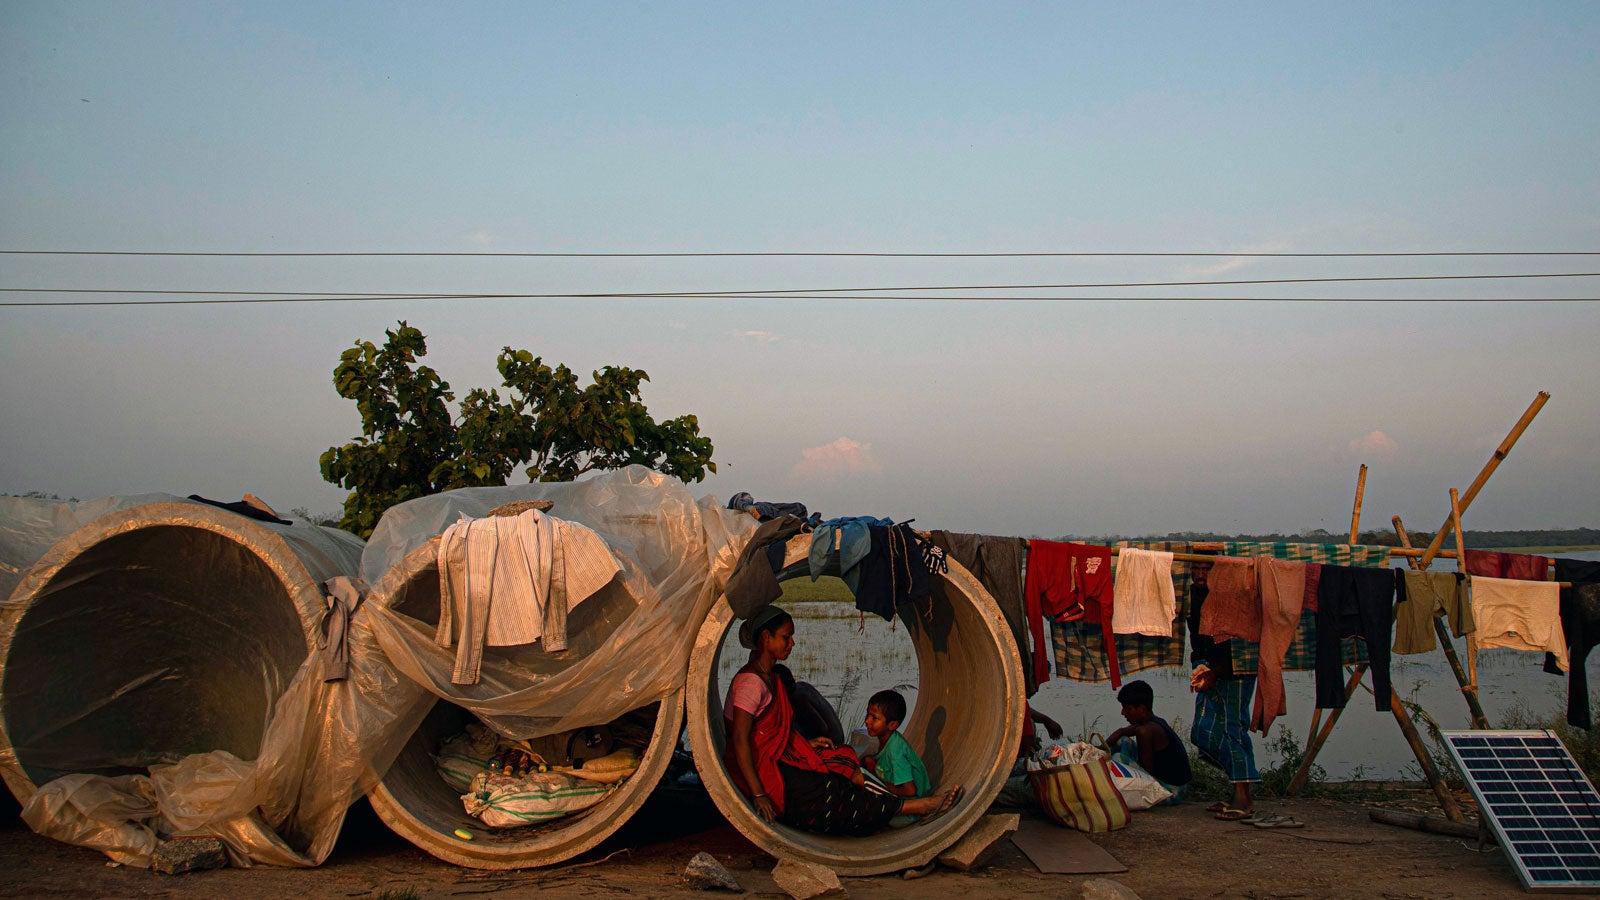 Indien: 21 Tote bei Erdrutschen – Wirbelsturm droht neues Ungemach zu bringen